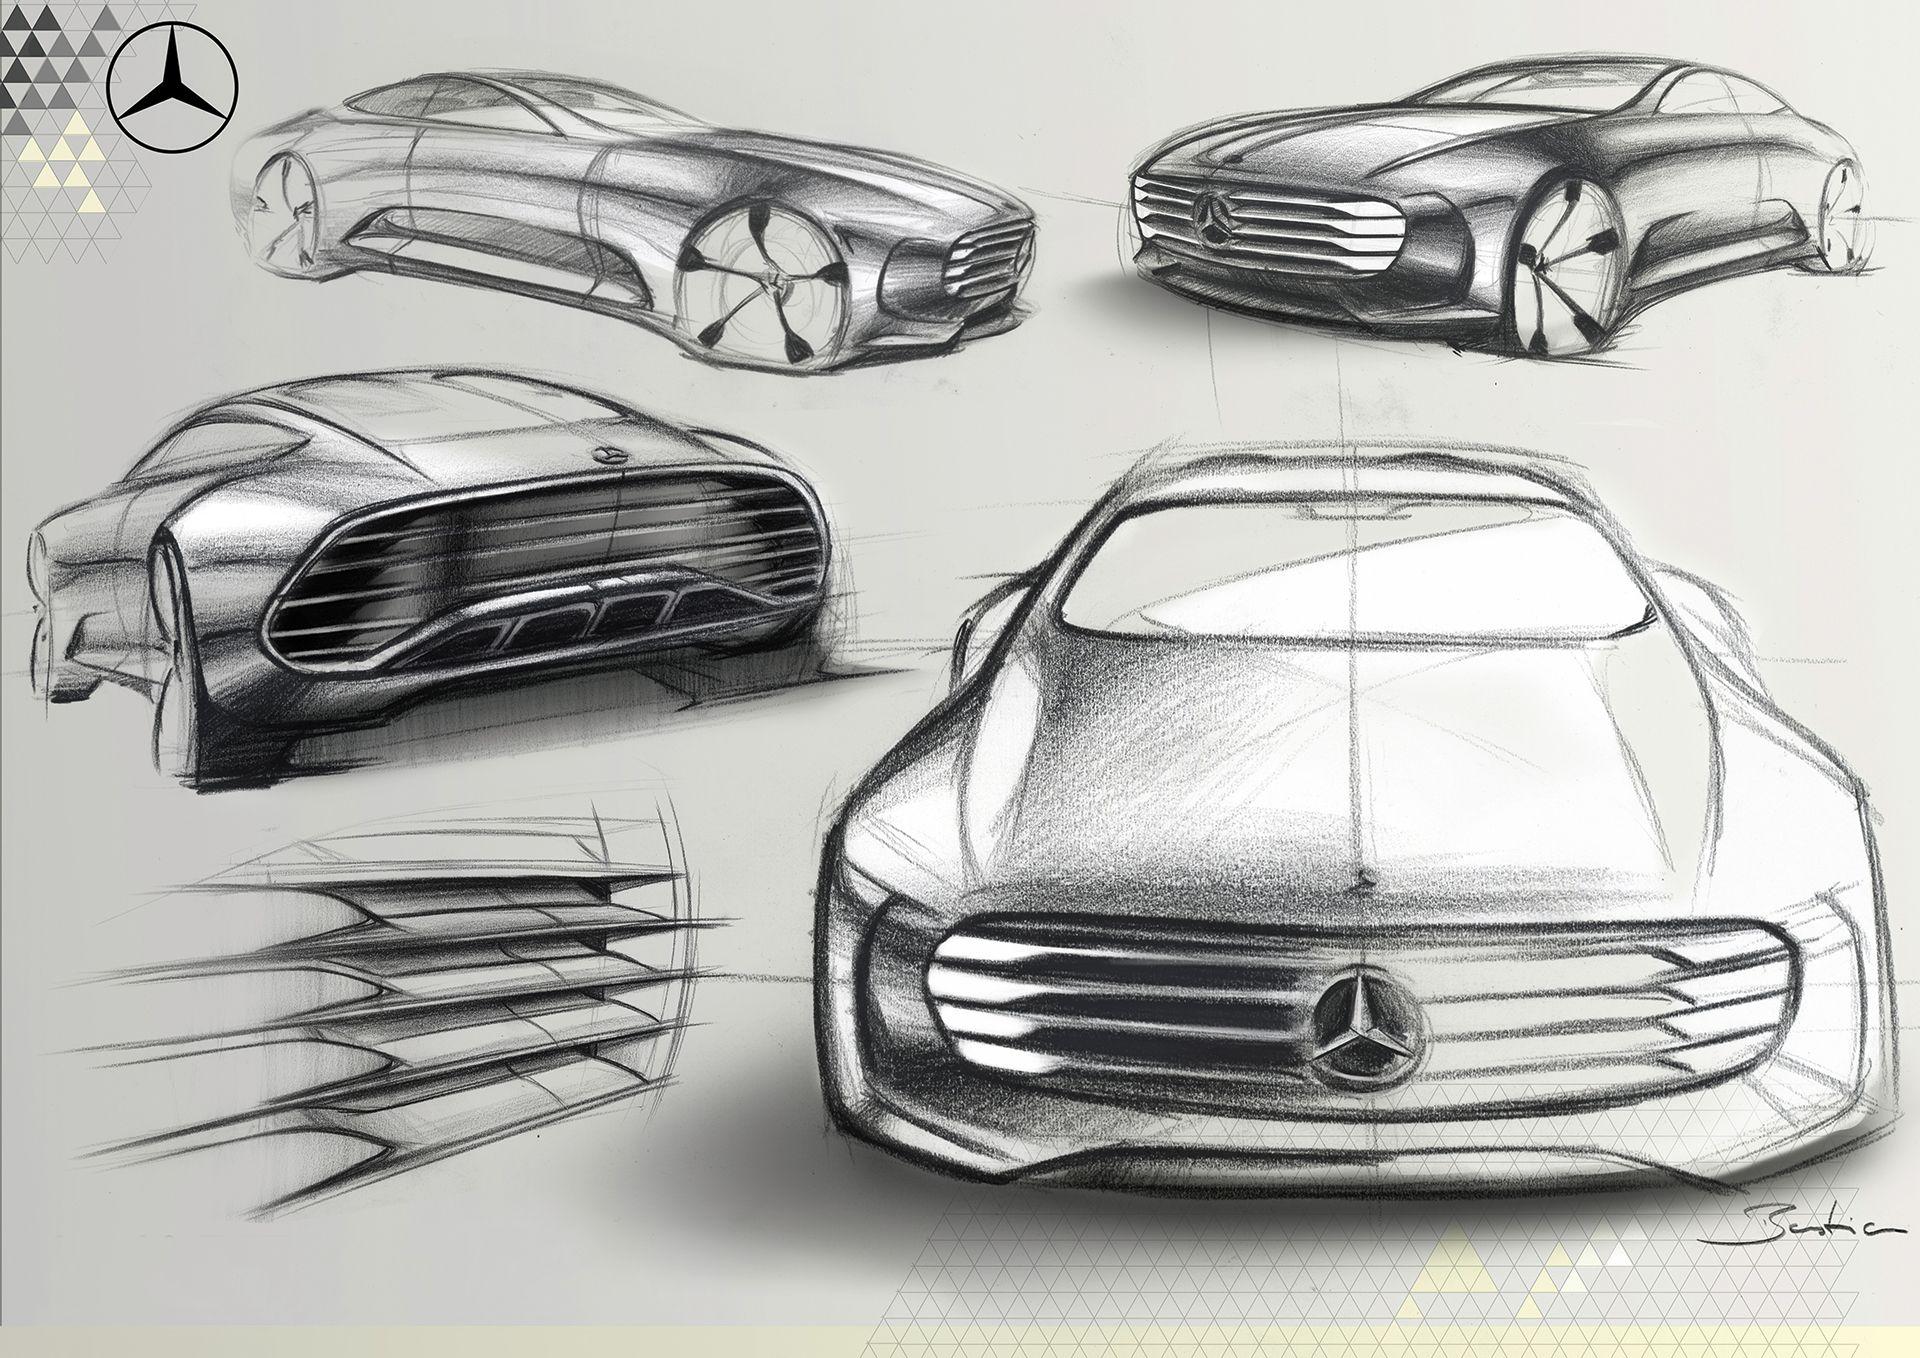 Pingl par allan kabengele sur moto conception pinterest automobile voiture et dessin voiture - Croquis voiture ...